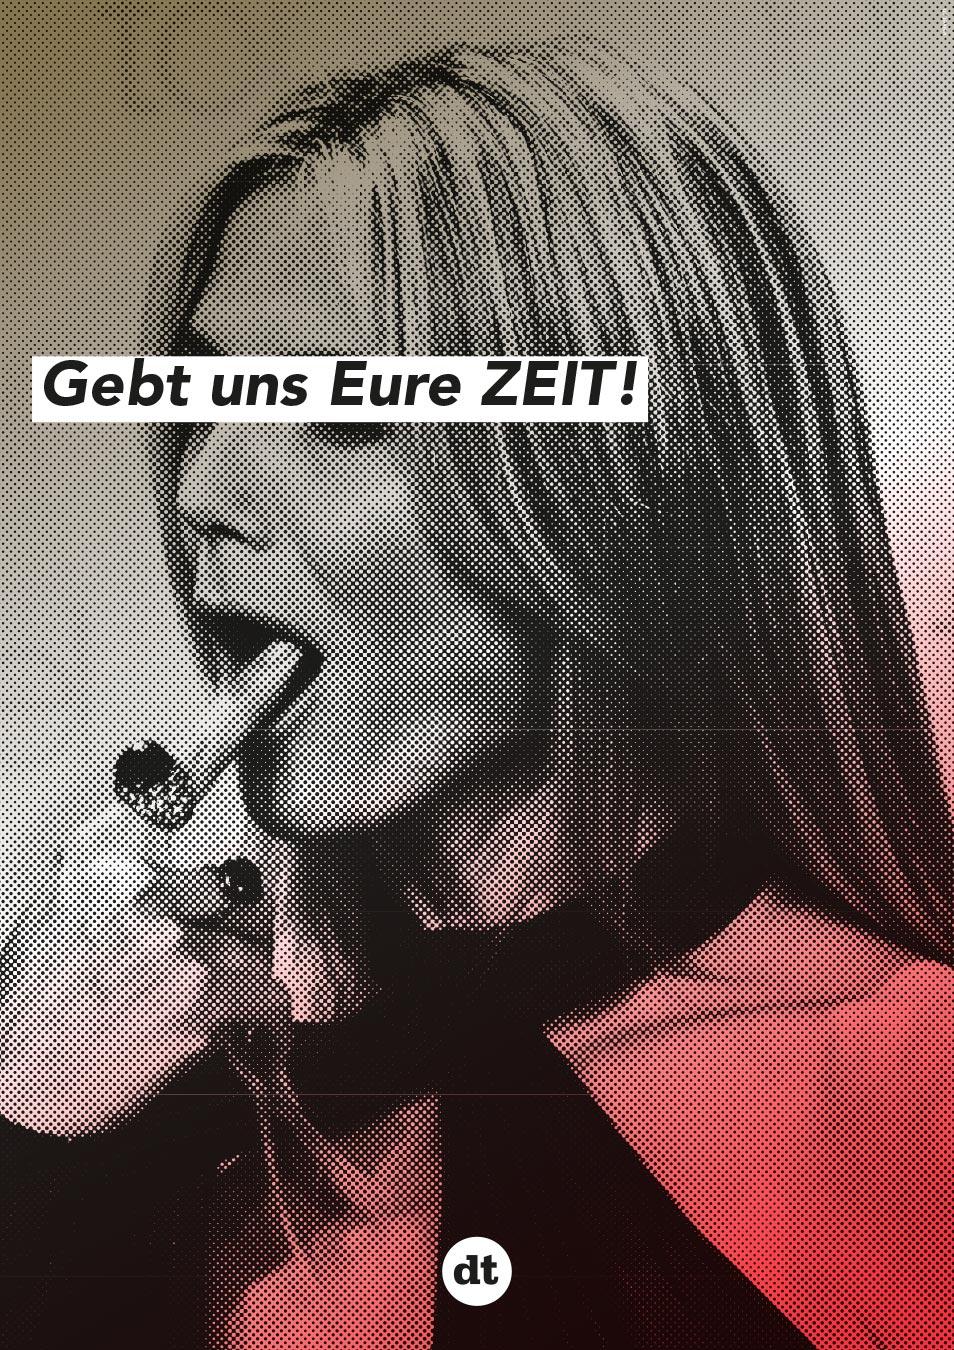 Deutsches Theater Berlin Plakat Spielzeit 14/15 Werbung